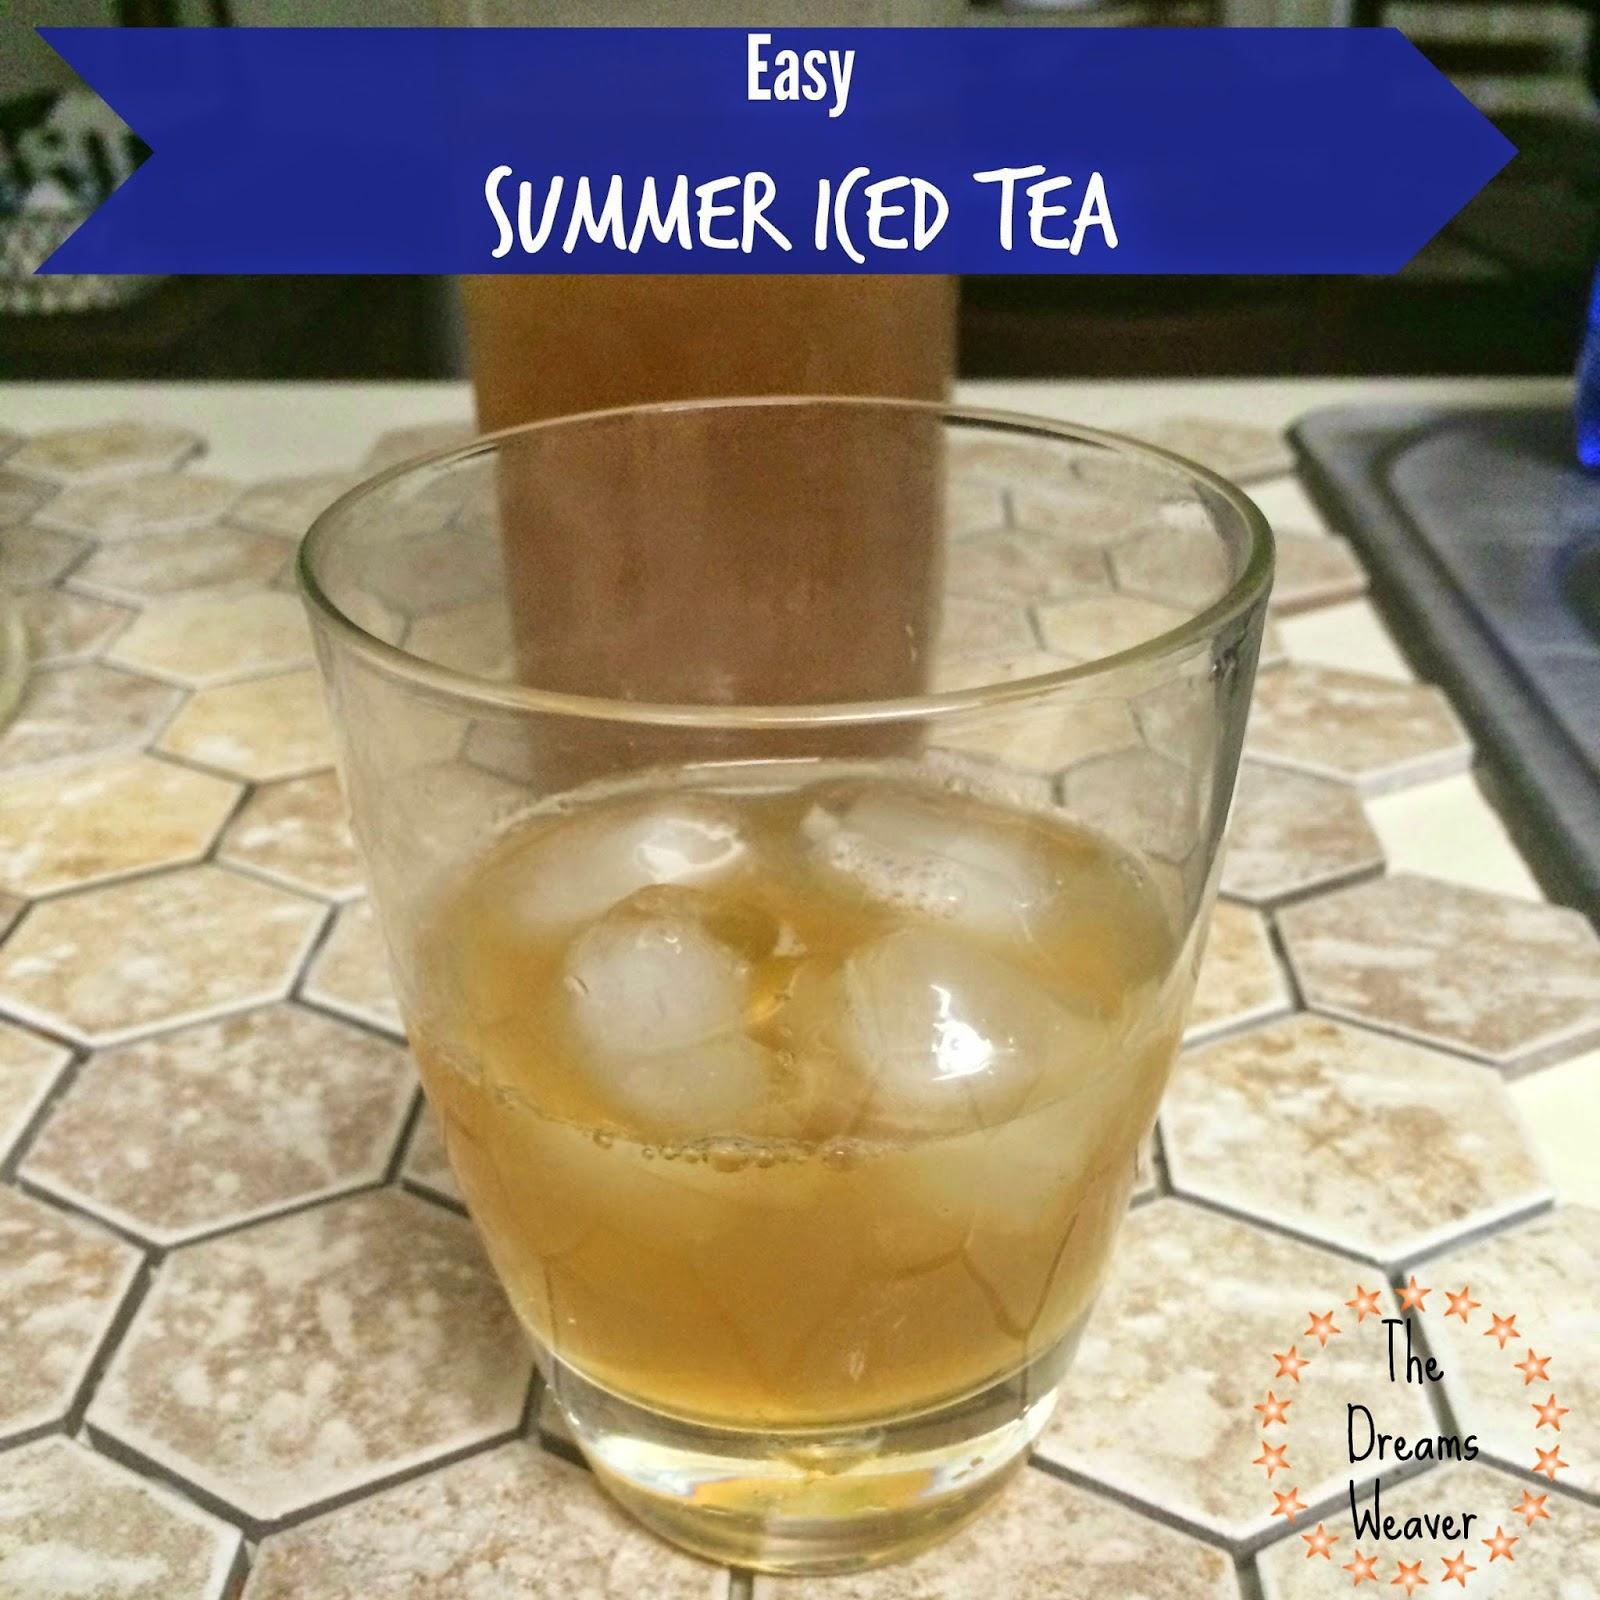 Easy Summer Iced Tea~ The Dreams Weaver